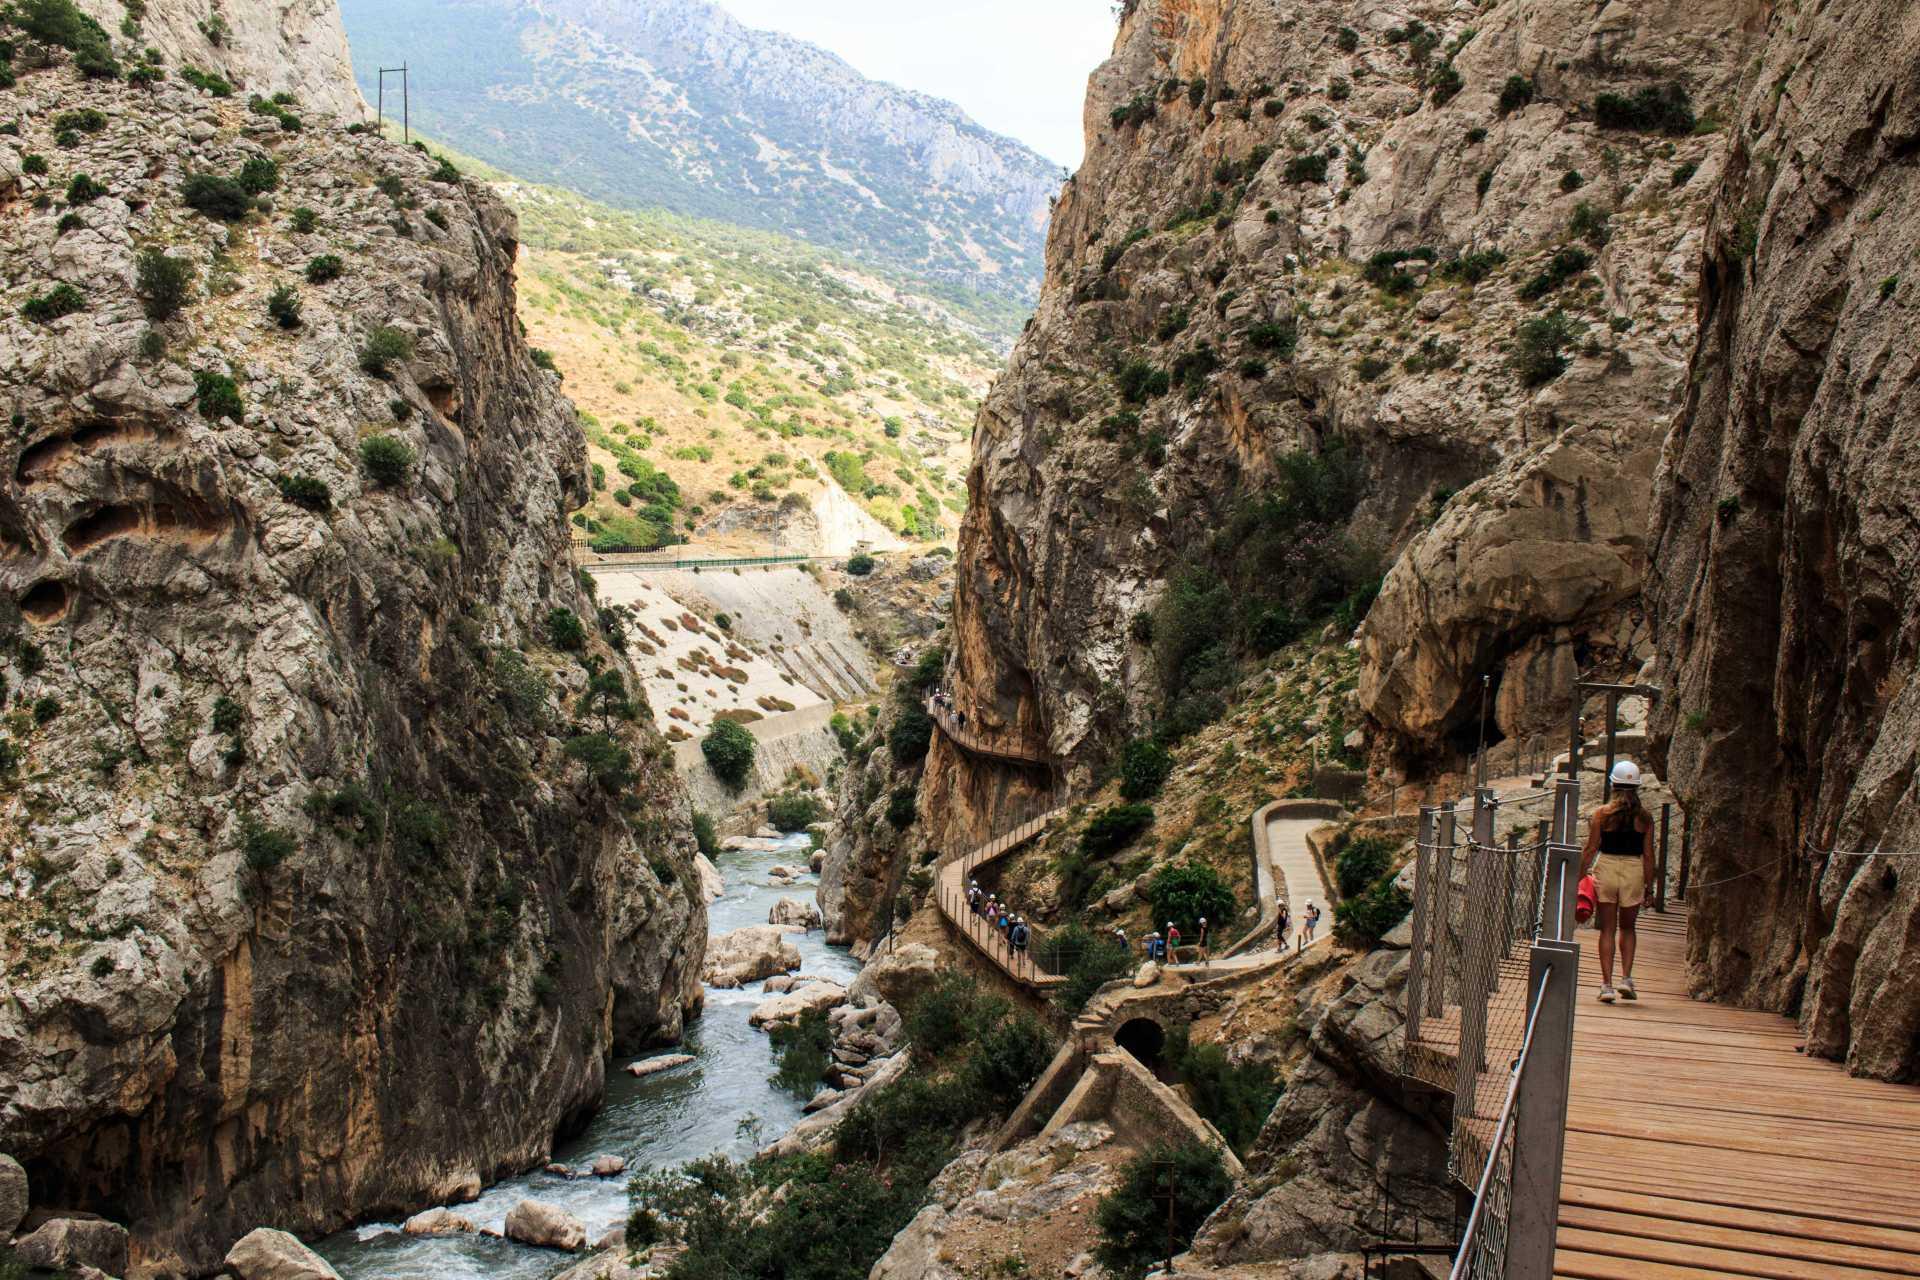 Klettersteig Caminito Del Rey : Alle infos zum caminito del rey in spanien endlich veständlich!